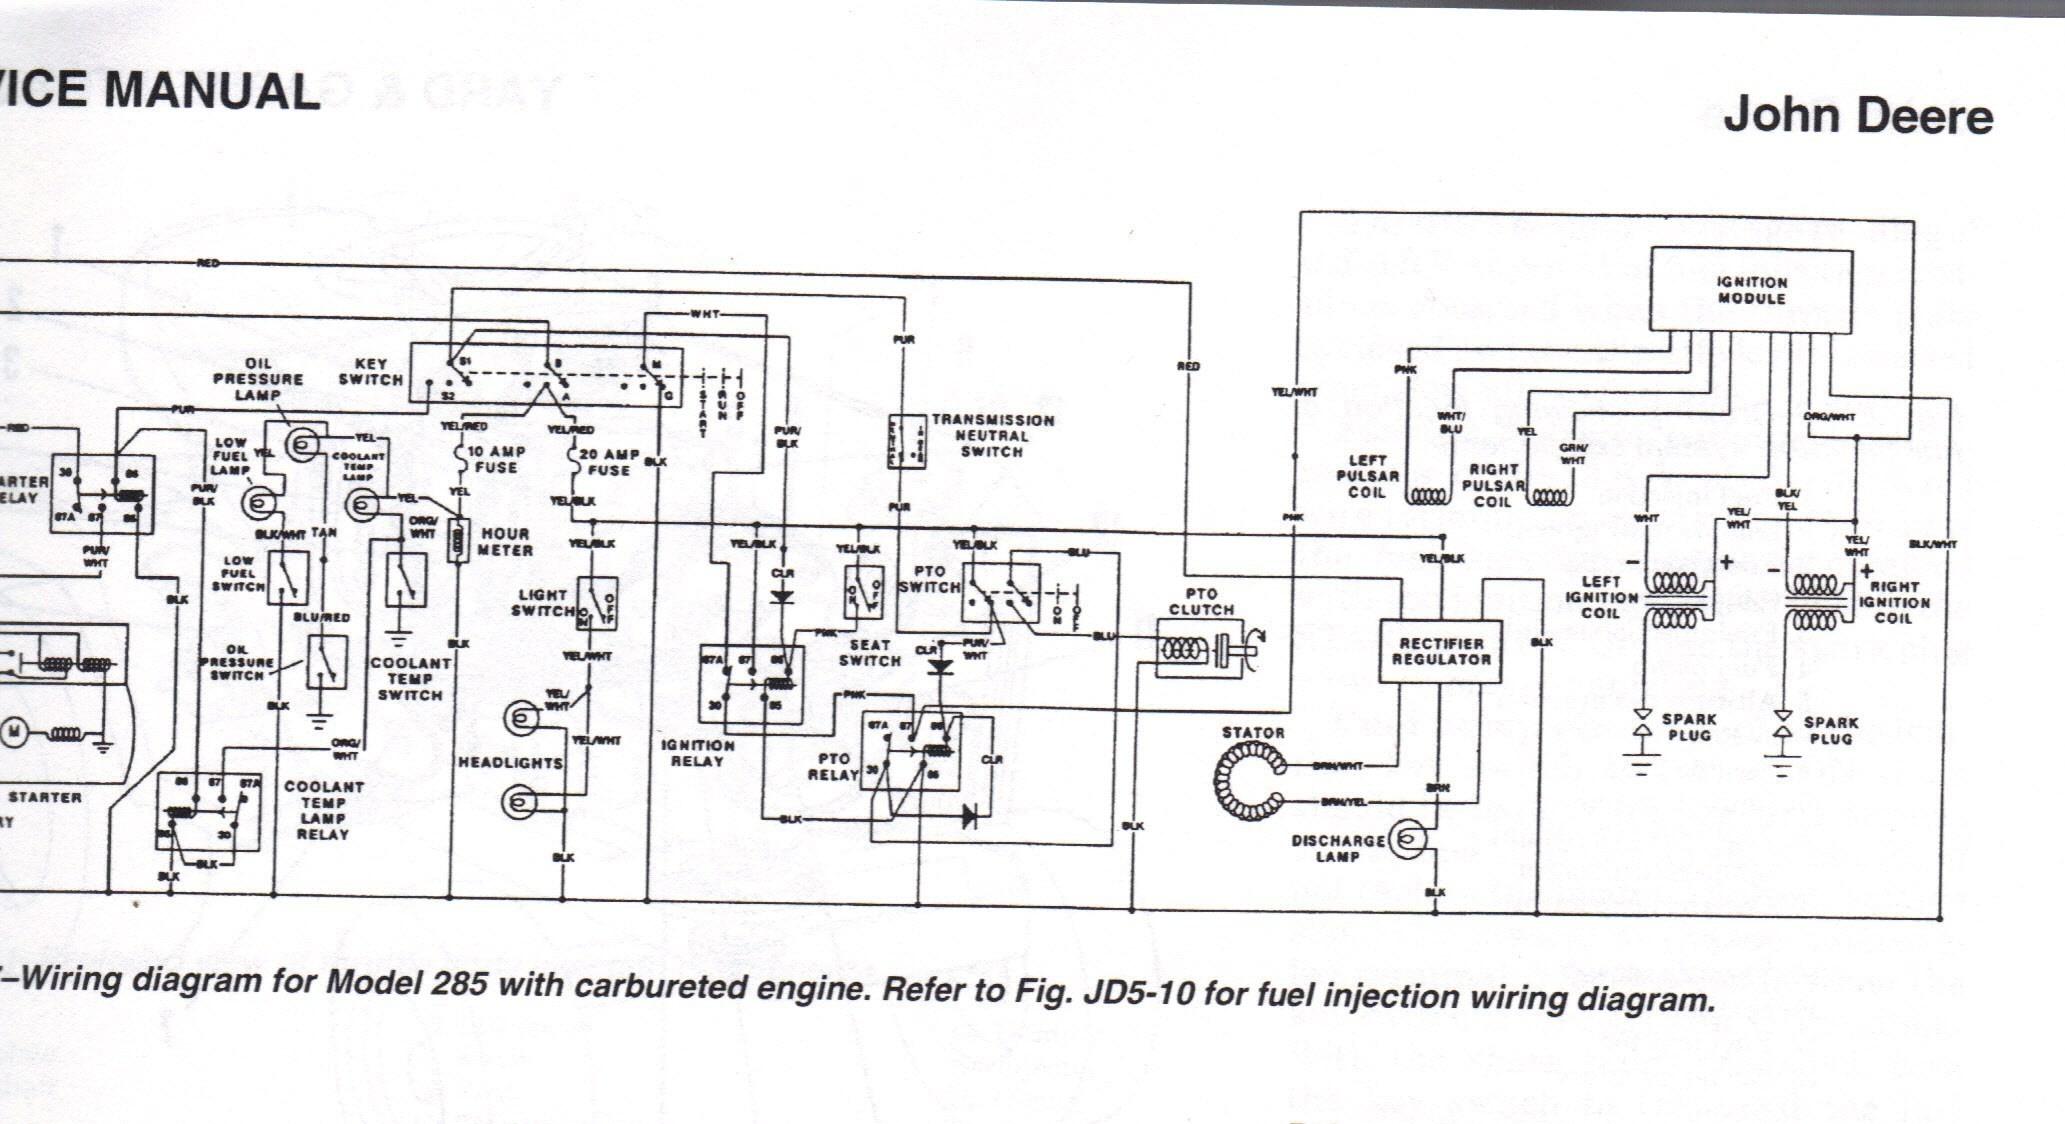 HH_6632] John Deere 250 Skid Steer Wiring Diagram In Addition John Deere  Wiring Wiring DiagramAriot Joni Cana Magn Embo Lukep Benkeme Benkeme Mohammedshrine Librar Wiring  101